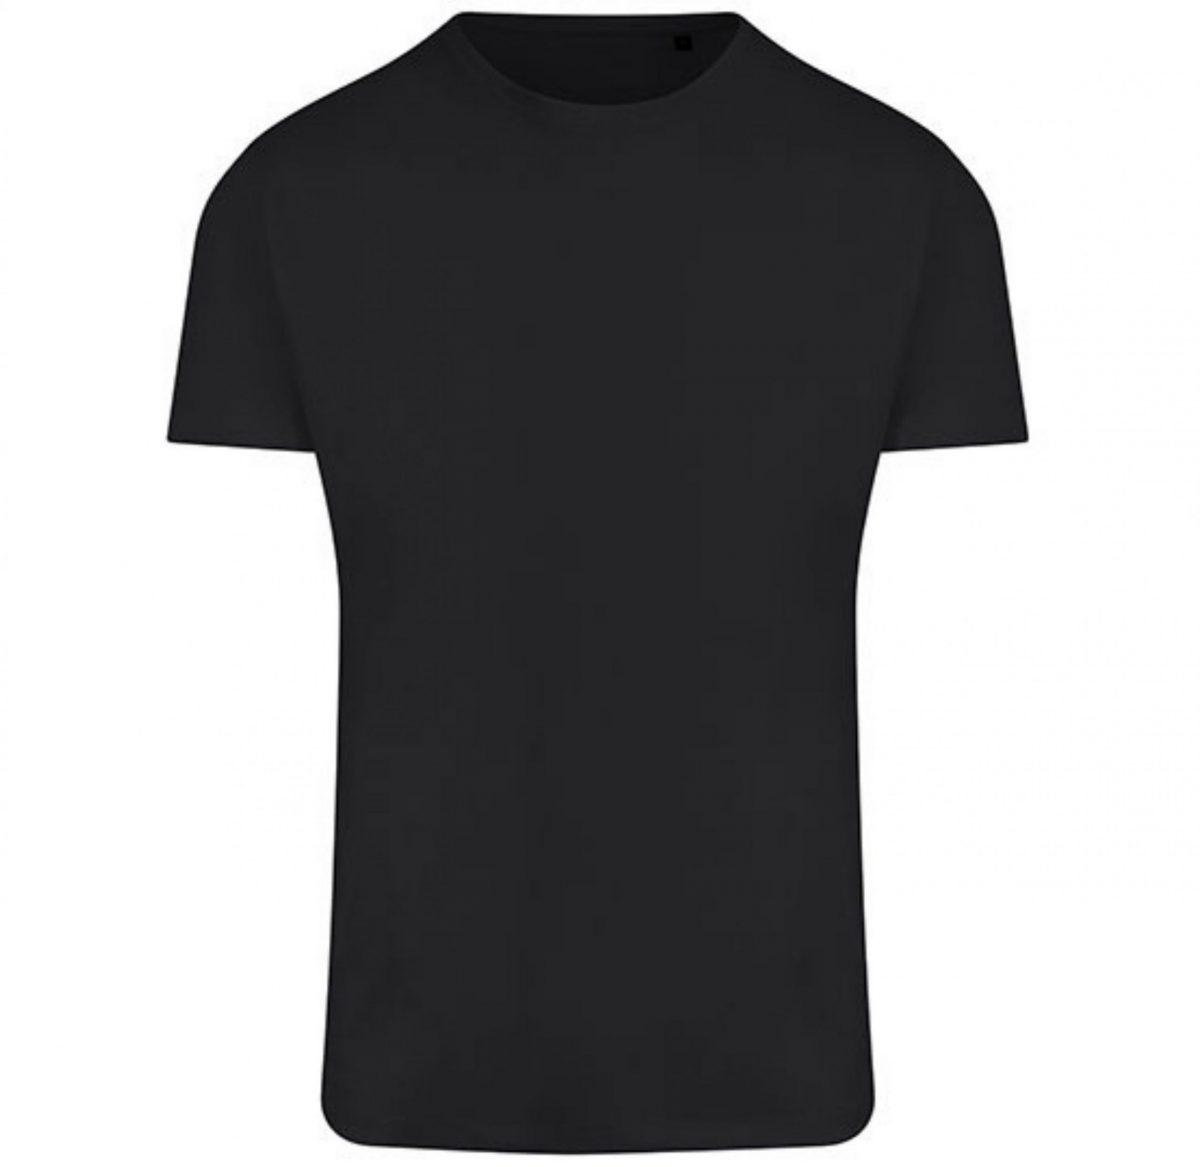 Tee-Shirt Homme Performance – Noir